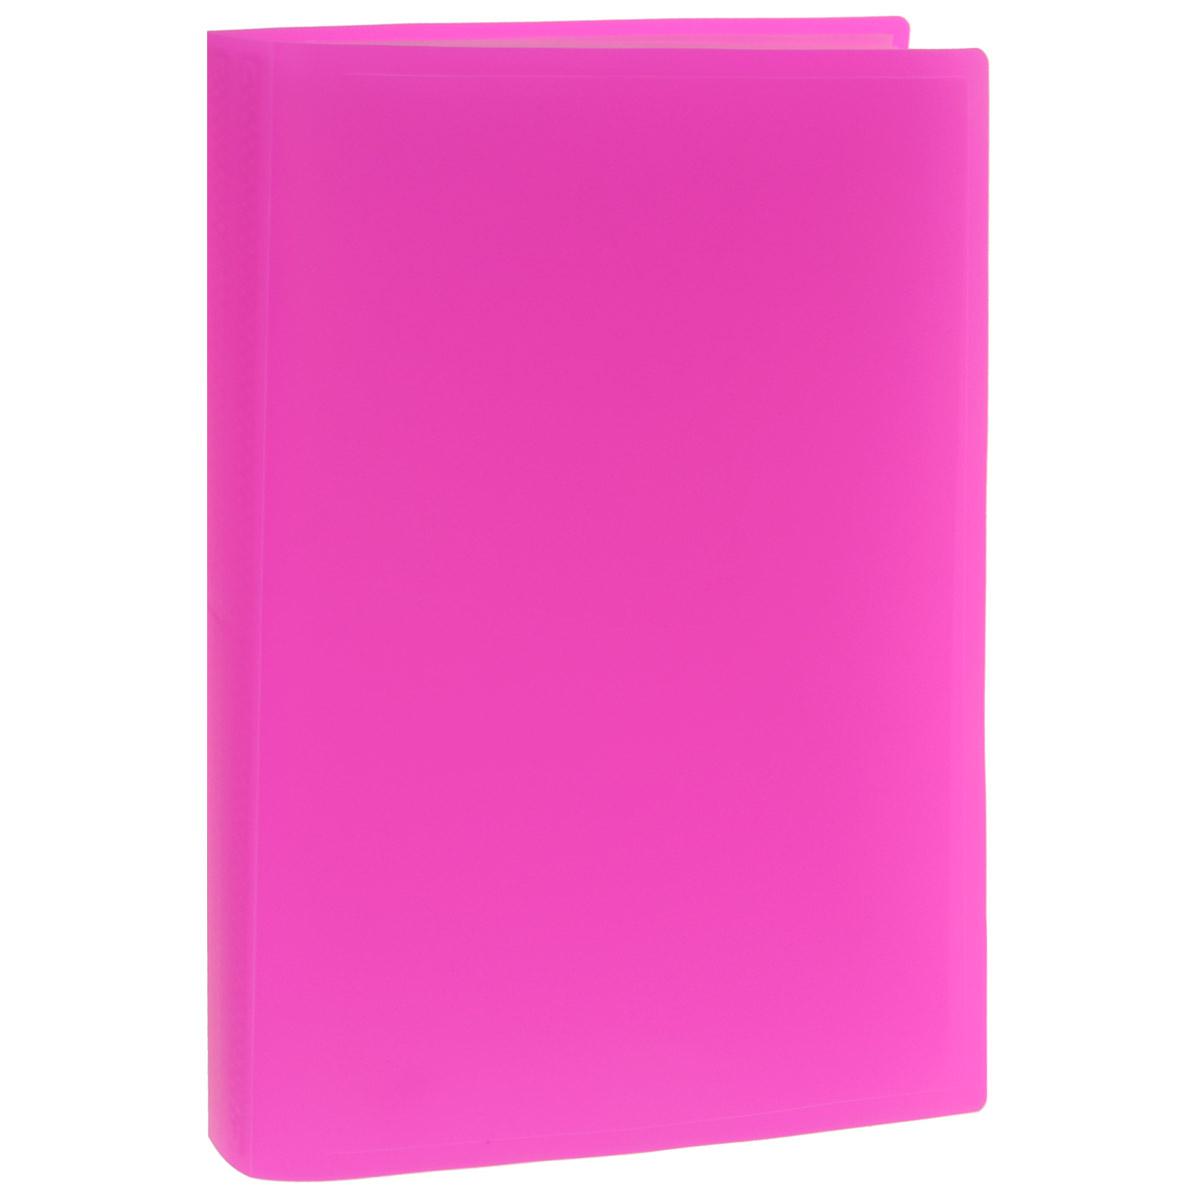 Папка с файлами Erich Krause, 40 листов, формат А4, цвет: розовый34757Папка Erich Krause с 40 прозрачными файлами-вкладышами идеально подходит для хранения рабочих бумаг и документов формата А4 без перфорации, требующих упорядоченности и наглядного обзора: отчетов, презентаций, коммерческих и персональных портфолио. Папка выполнена из полупрозрачного жесткого пластика с гофрированной поверхностью в ярких цветовых решениях. Благодаря совершенной технологии производства папка не подвергается воздействию низкой температуры, не деформируется и не ломается при изгибе и транспортировке.